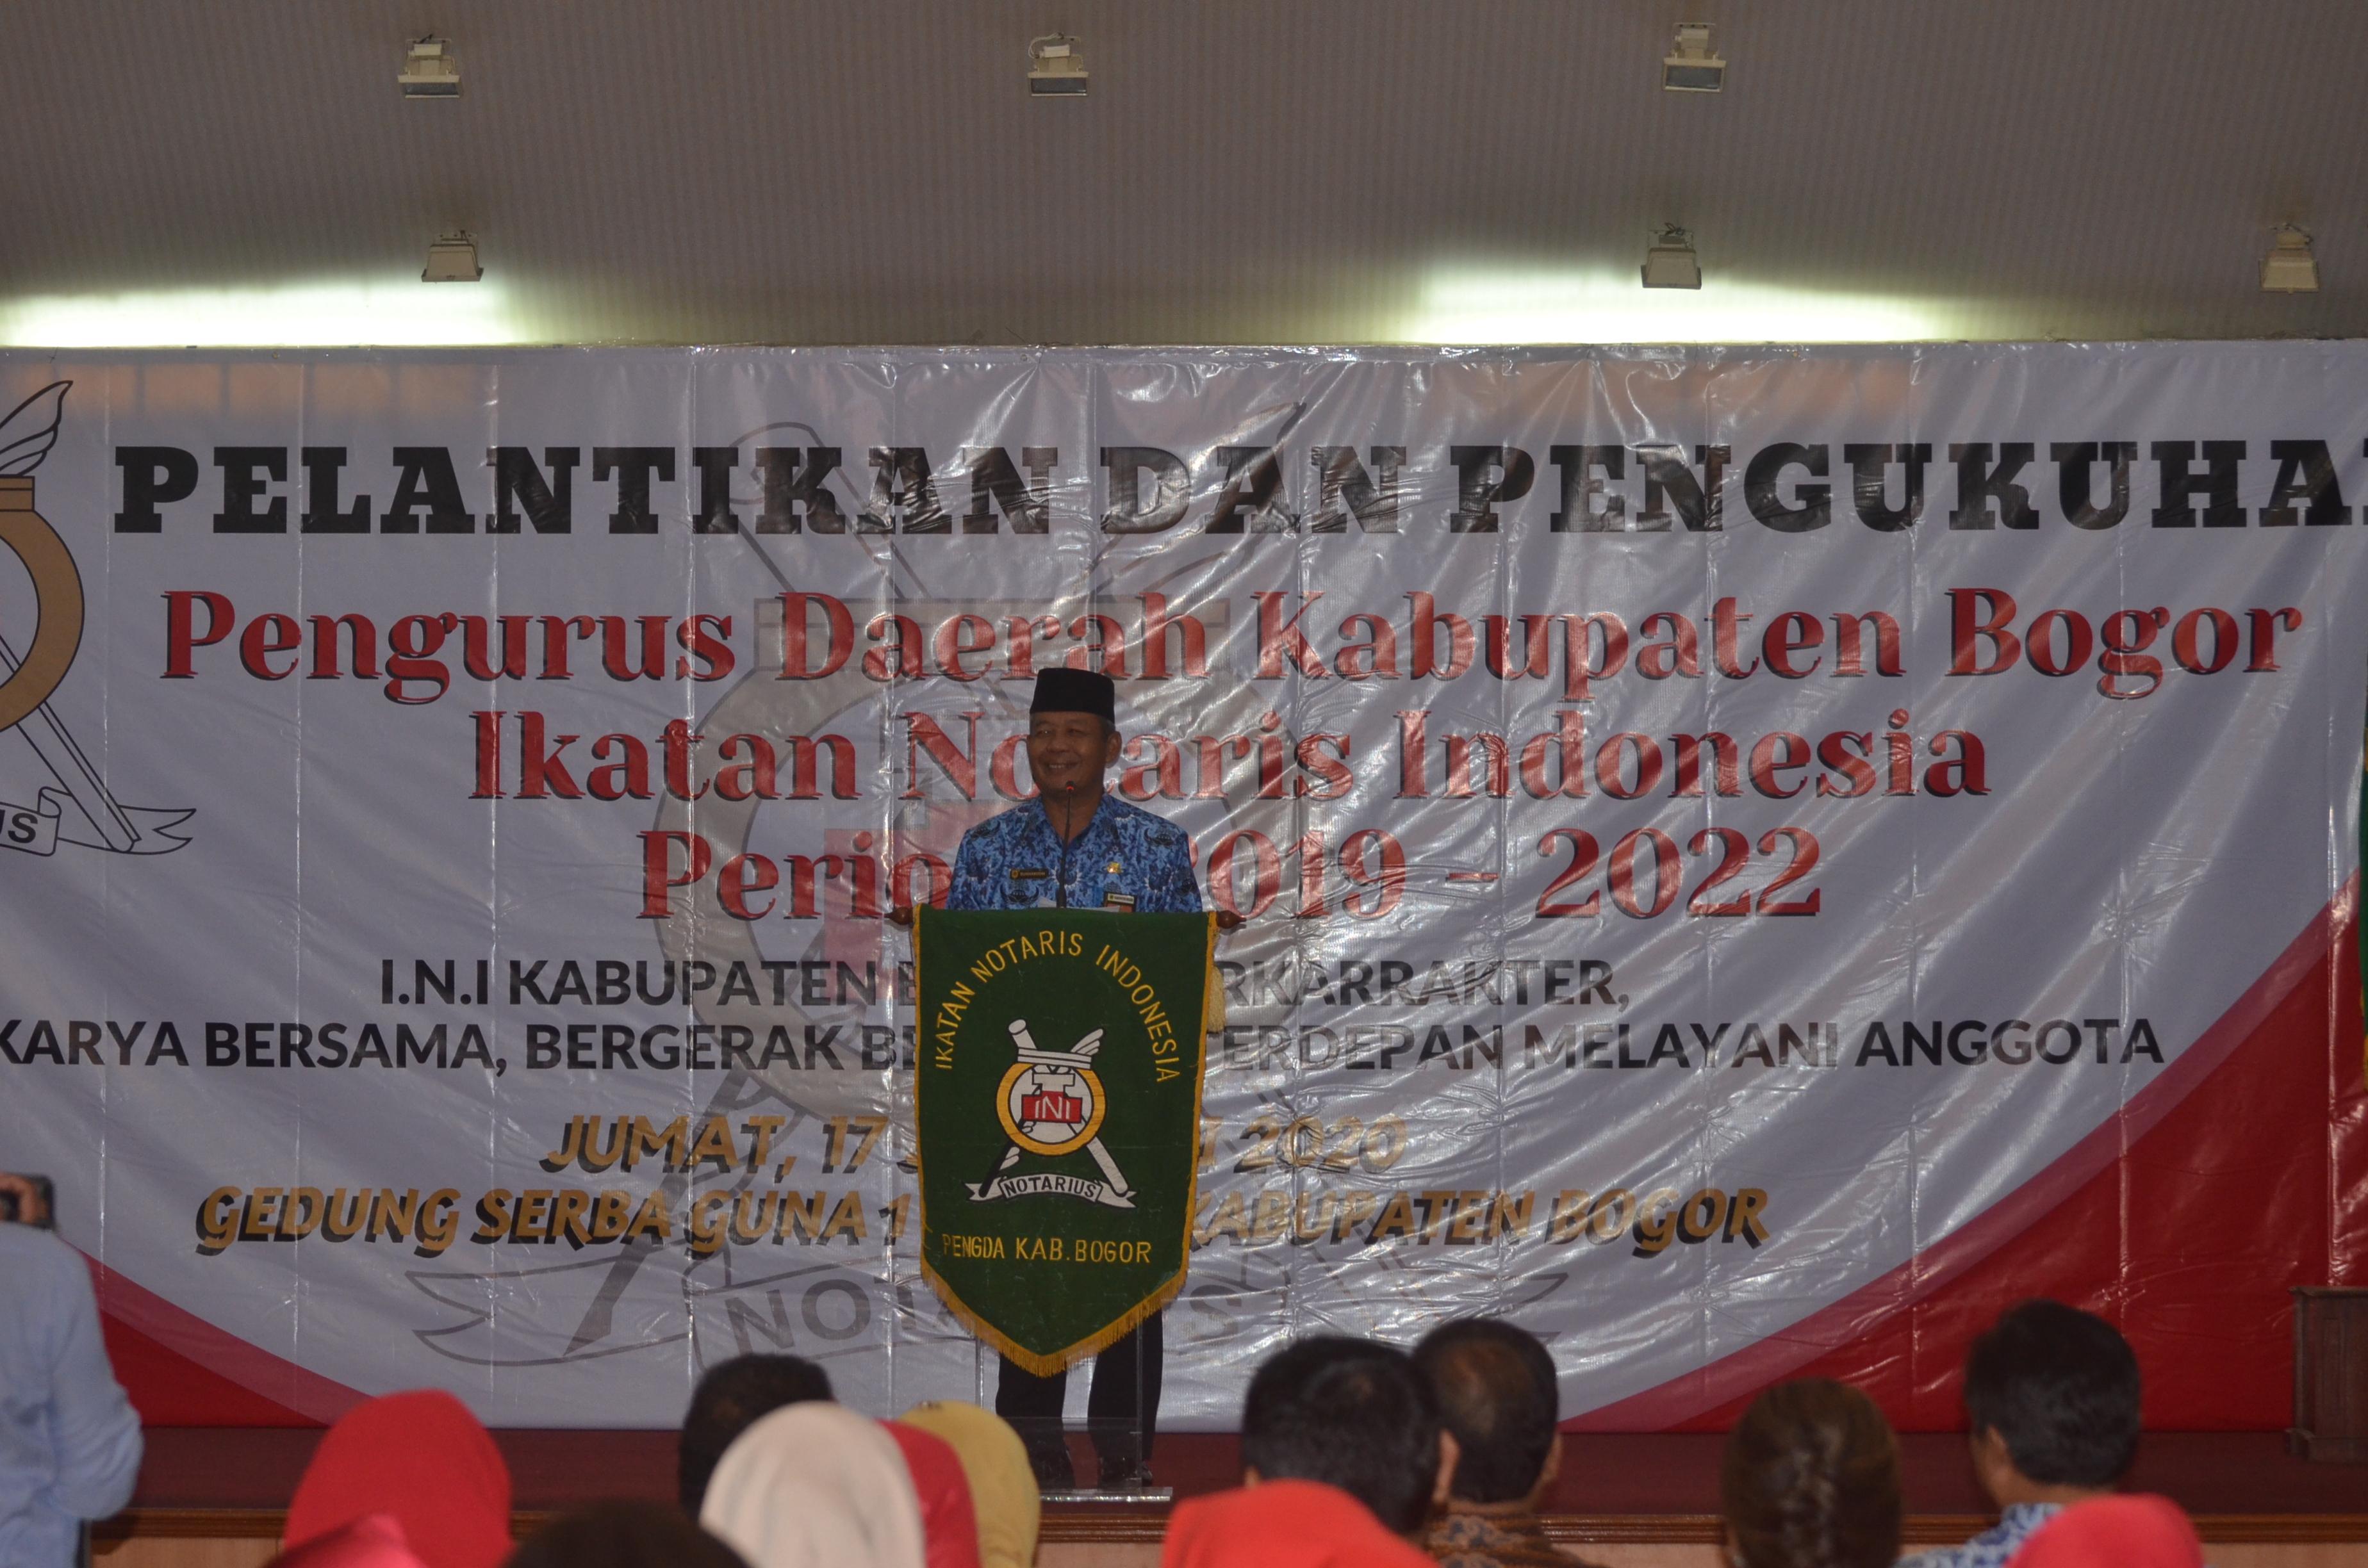 Pelantikan Dan Pengukuhan Pengda Ikatan Notaris Indonesia Kabupaten Bogor Periode 2020 – 2022